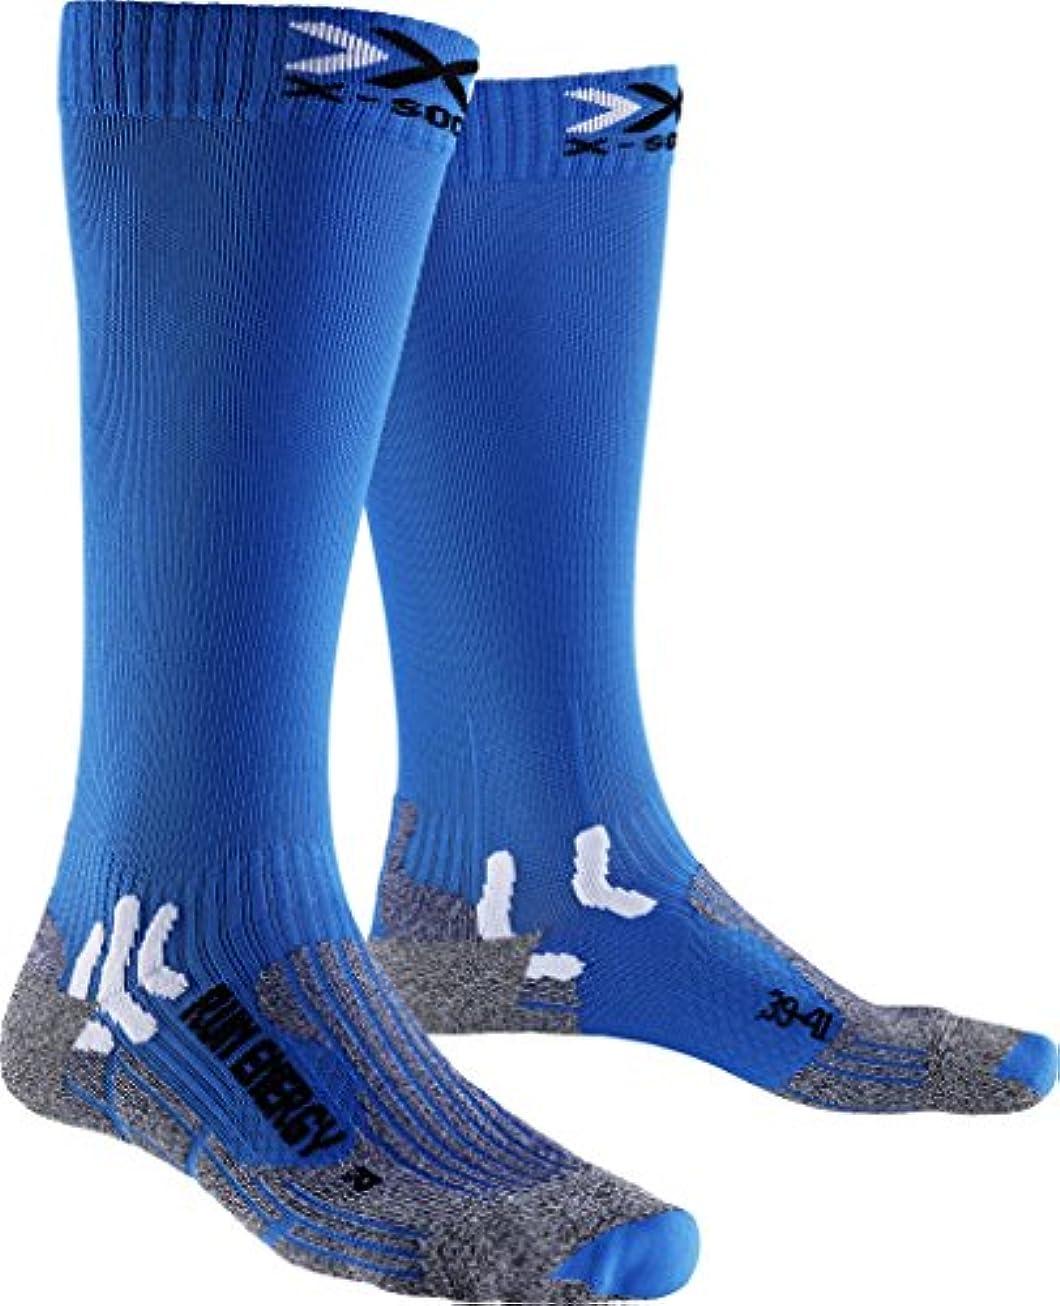 約束する遺伝的何十人もメンズとレディース1ペアx-socks実行Energiser圧縮ソックス